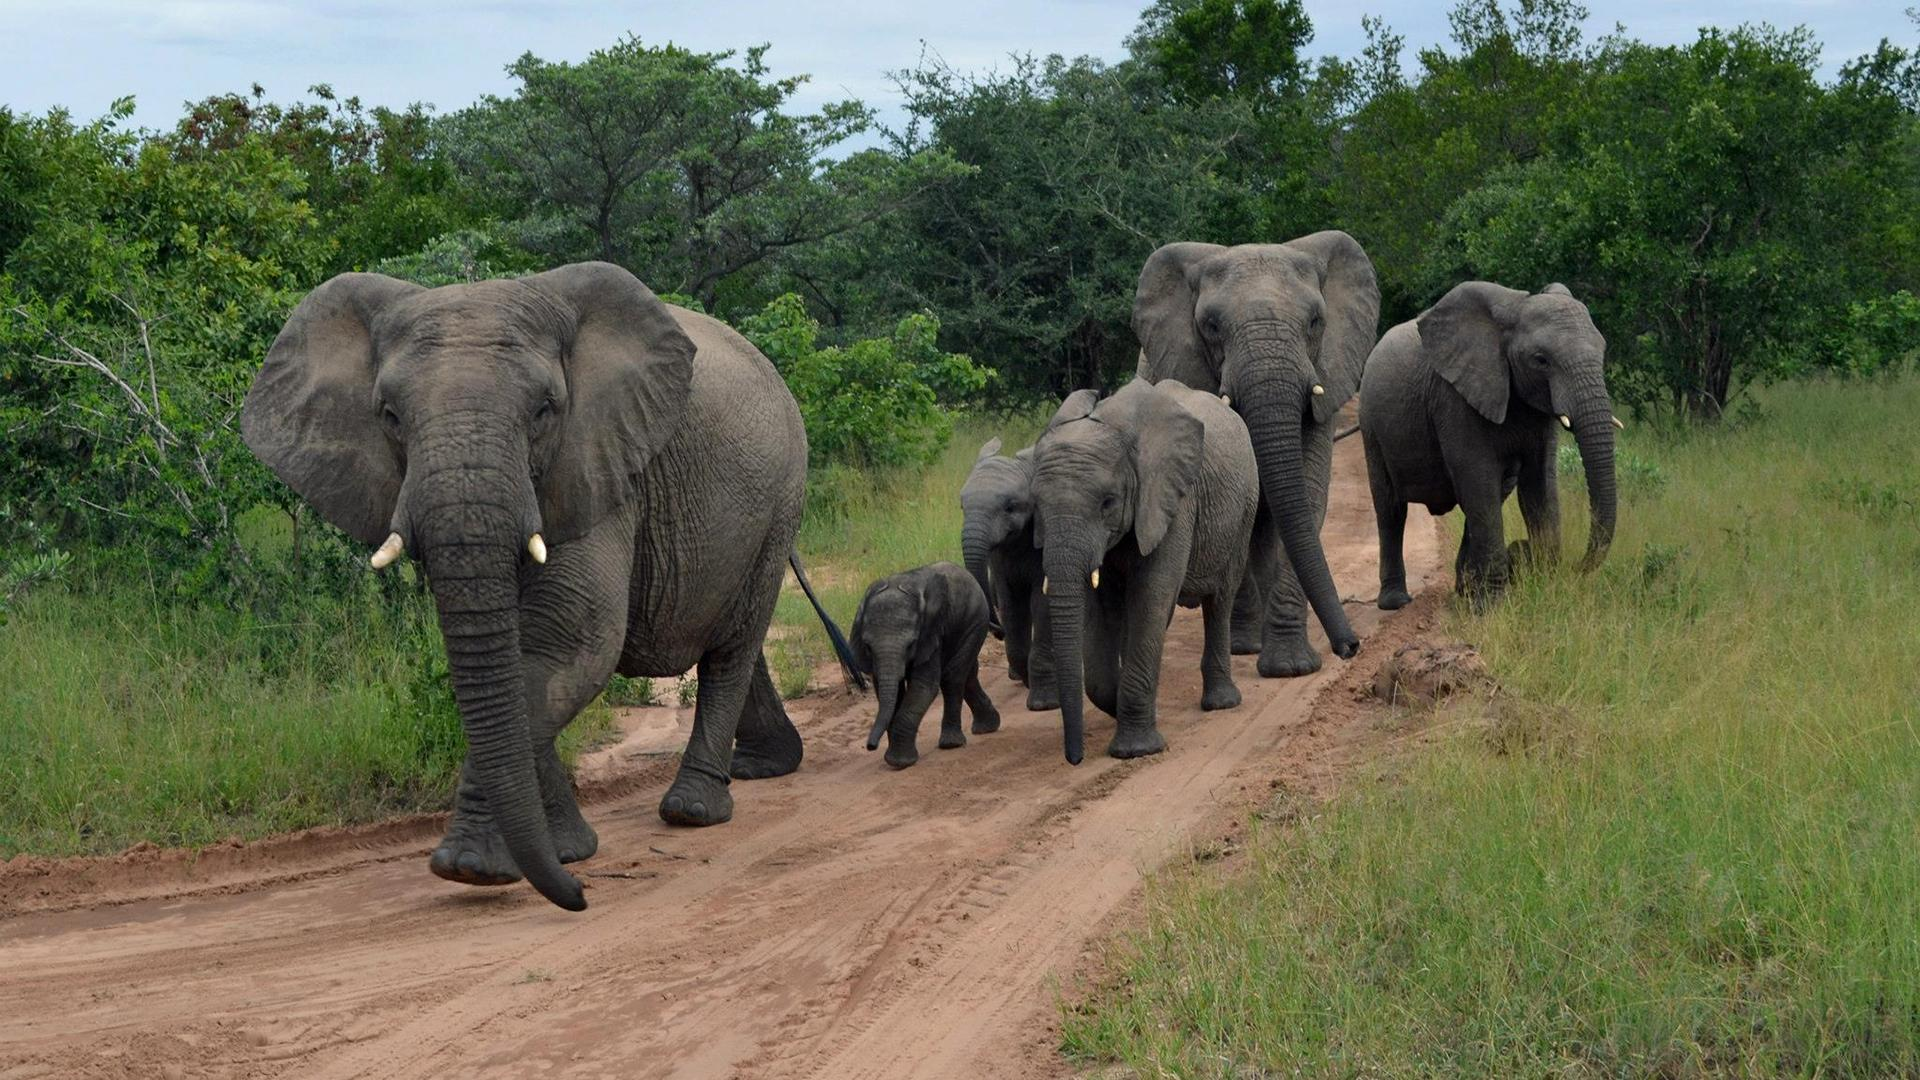 У слонов нашли личностные особенности, которые помогли им лучше решать те или иные задачи